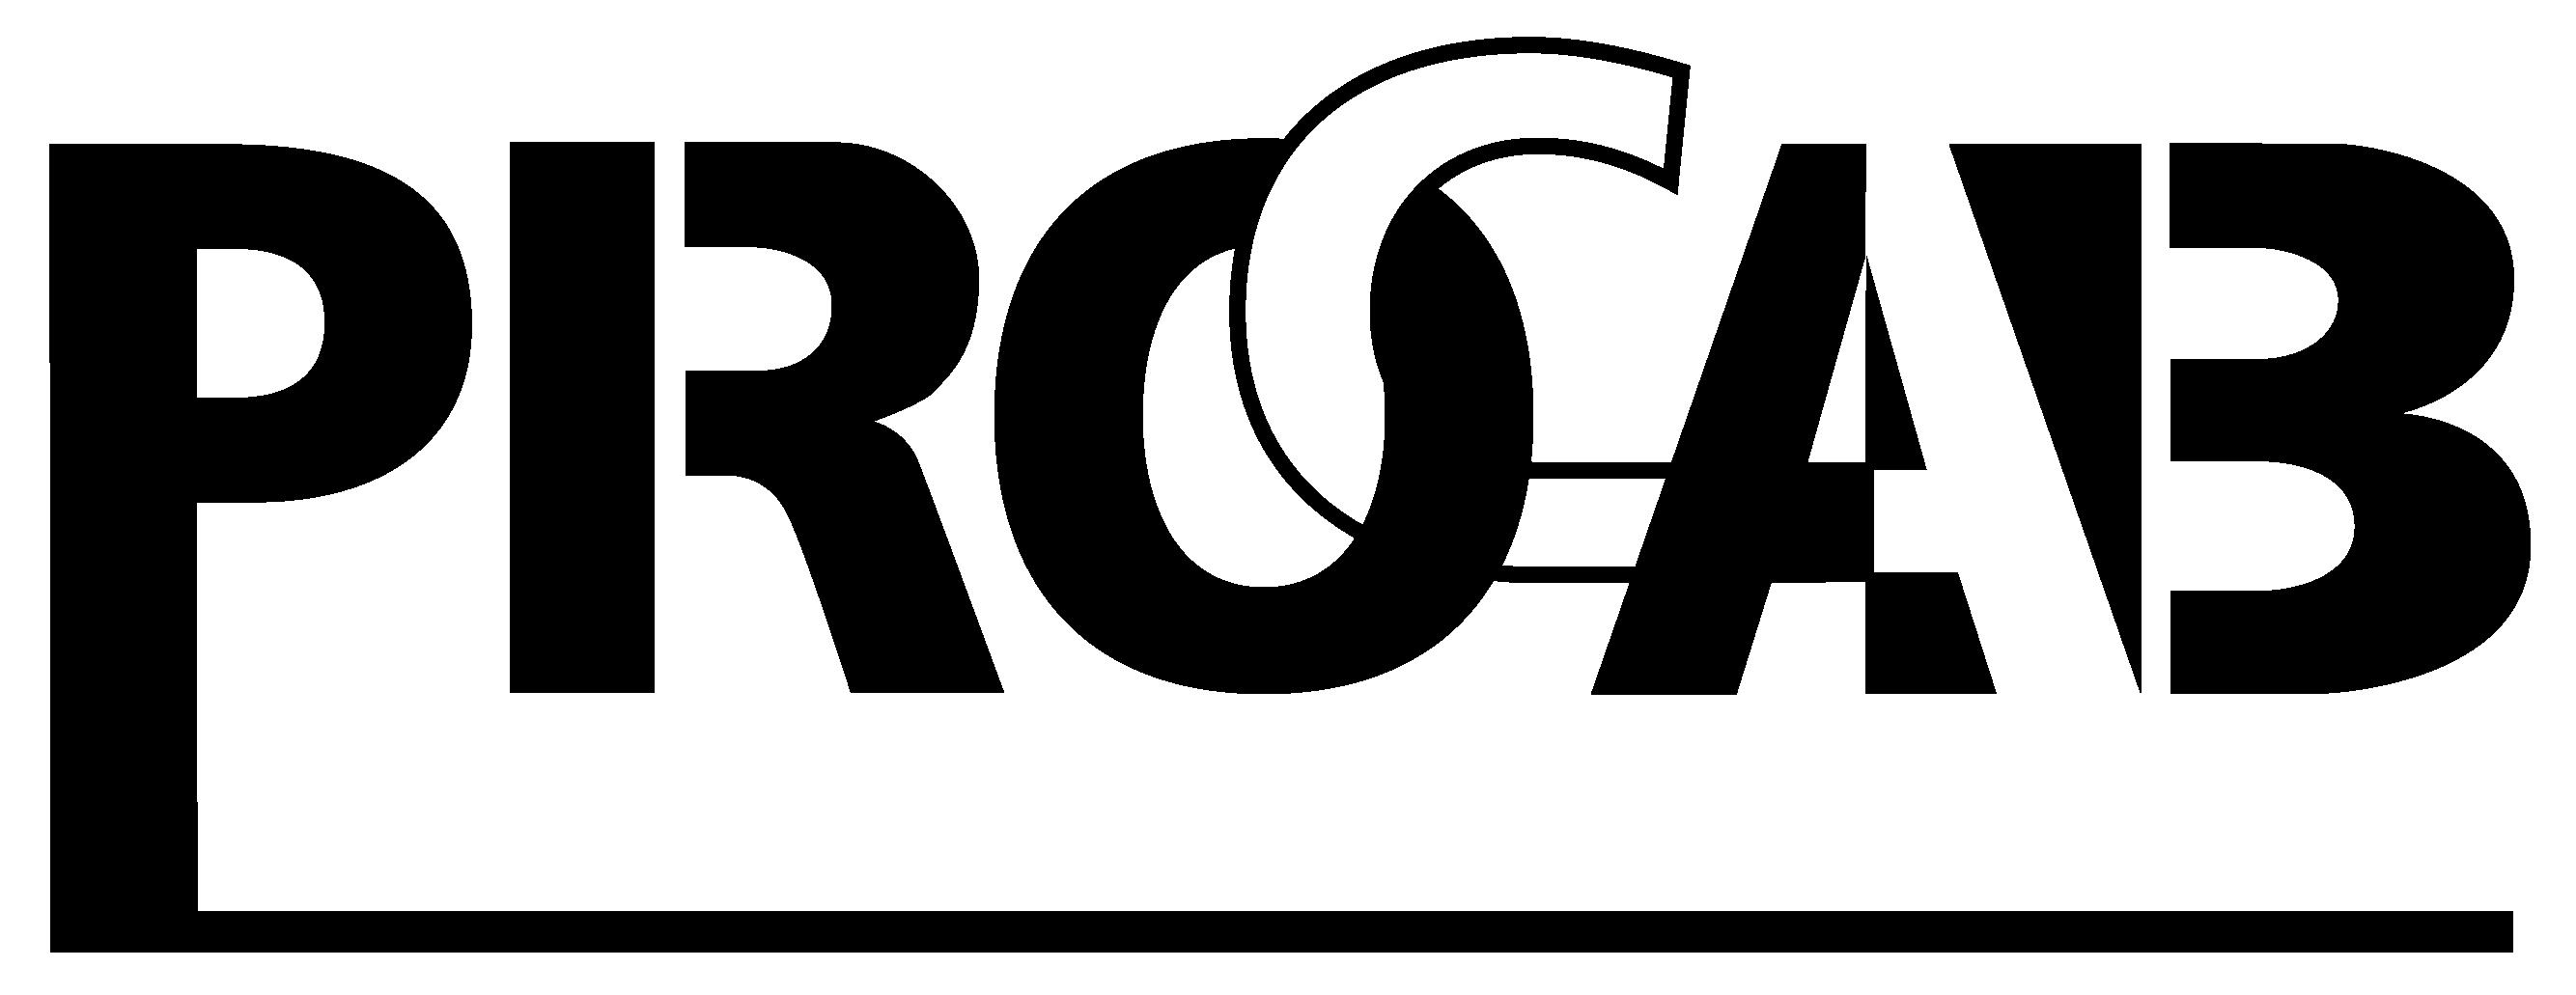 procab